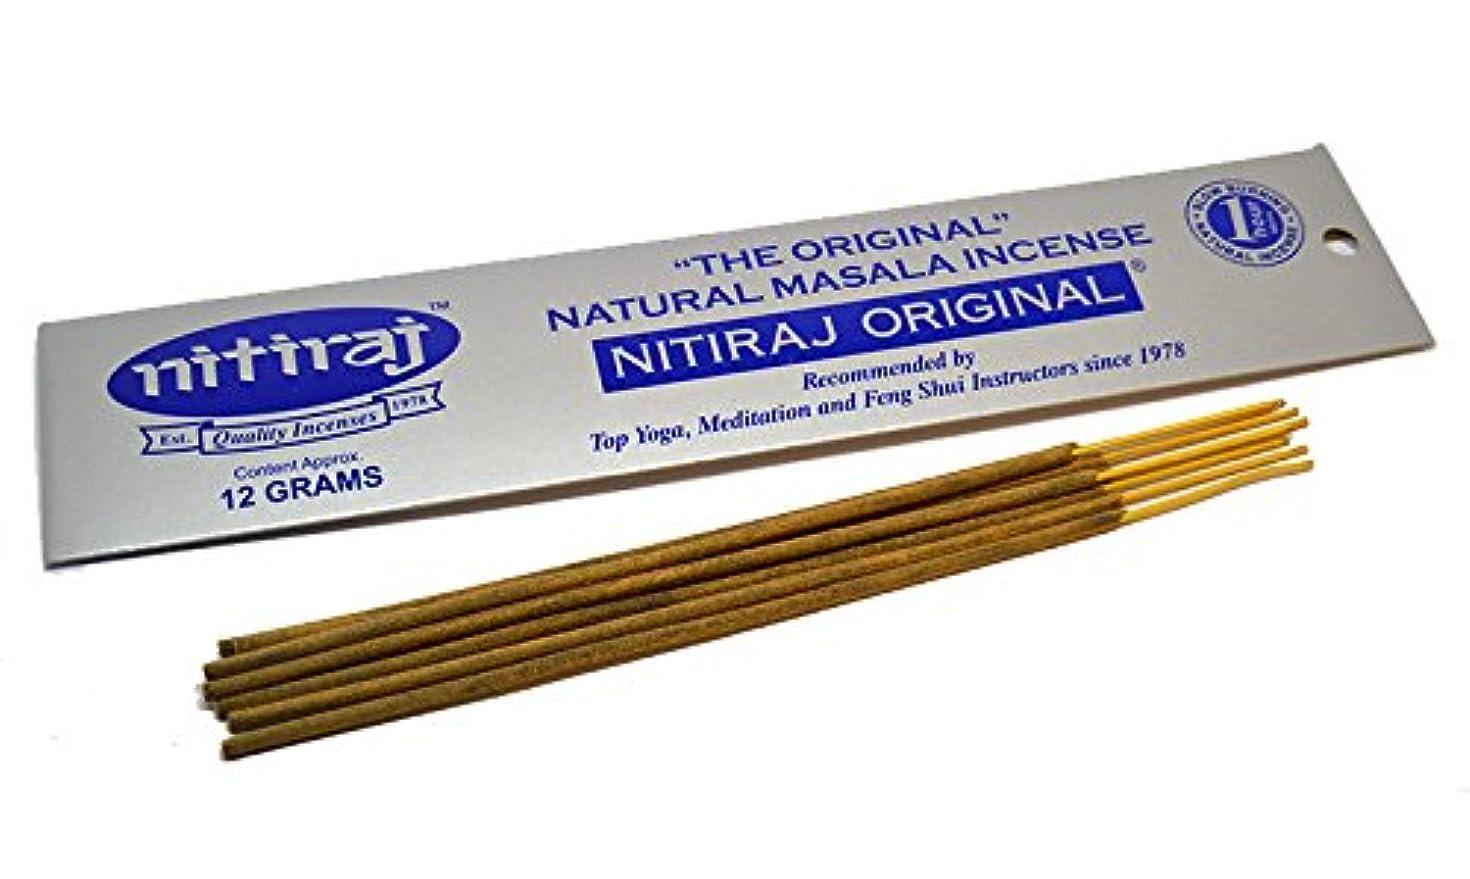 傭兵ストレスの多いけん引Nitiraj元品質Masala Incense Sticks (シルバー&ブルーパック) 12 gシングルパック